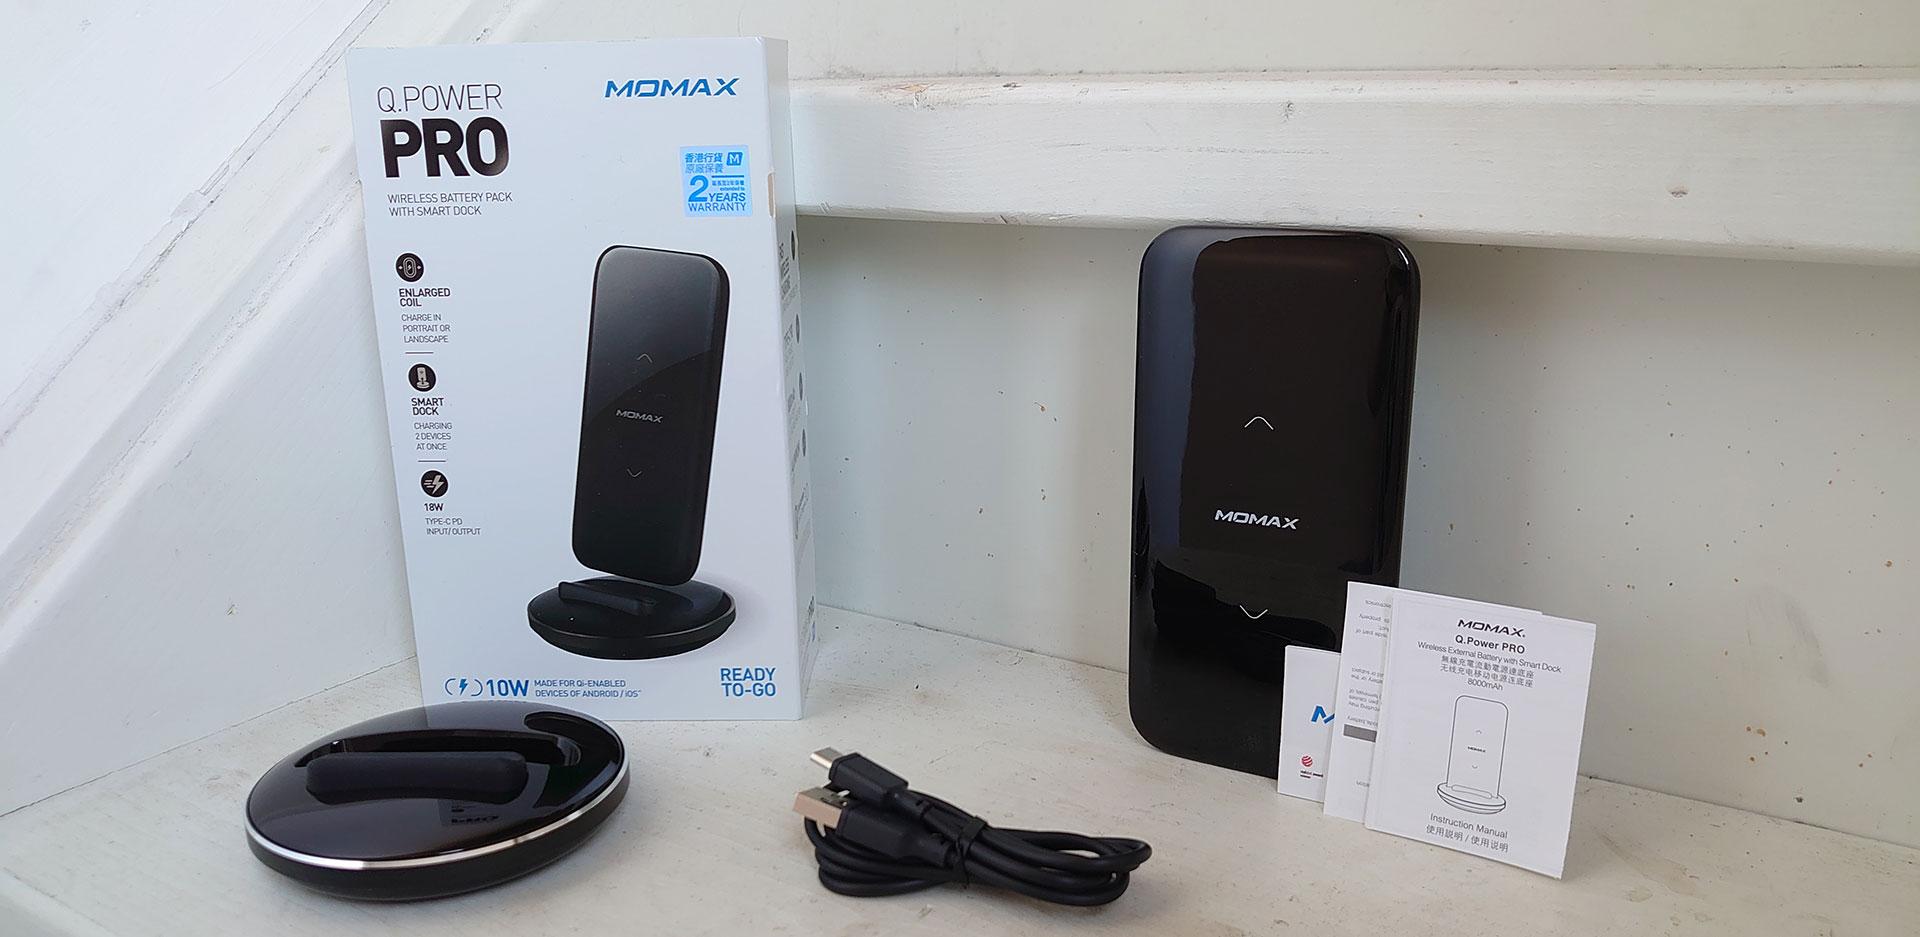 Momax Q Power Pro Uitgepakt